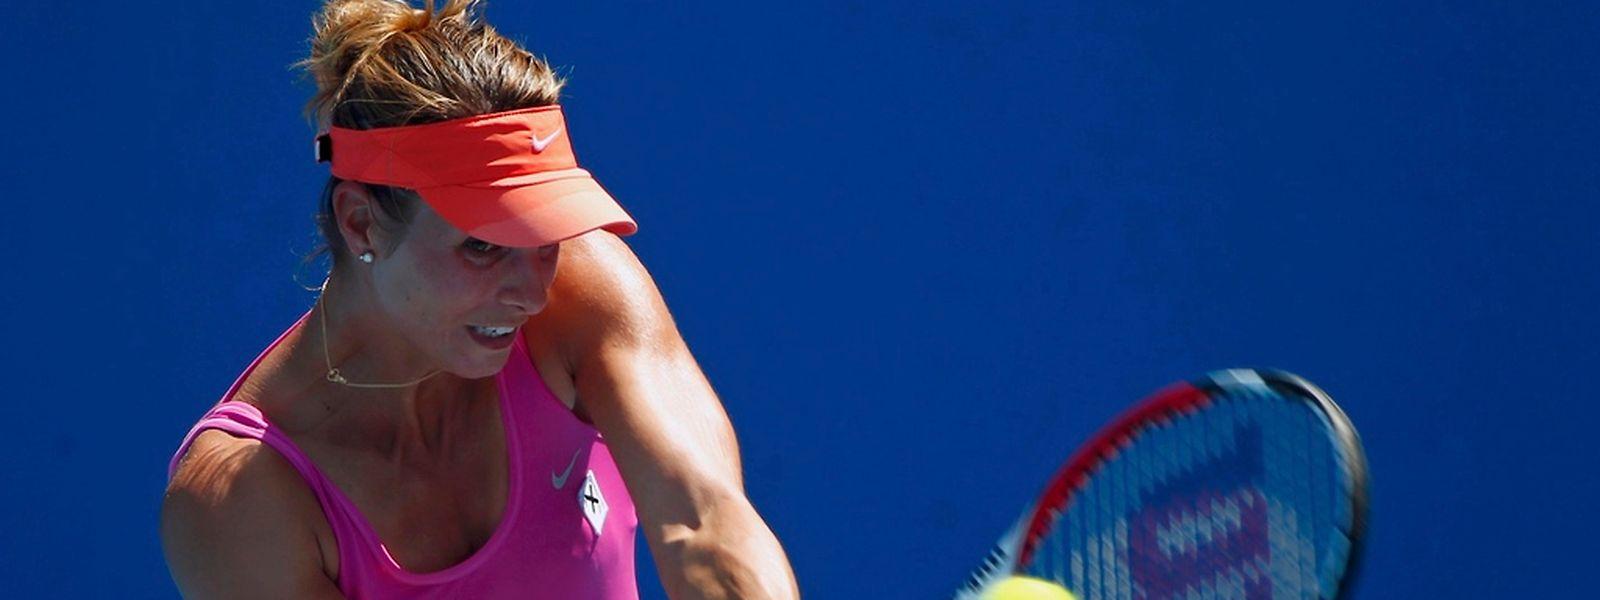 Fin de parcours en double pour Mandy Minella à l'Open d'Australie à Melbourne